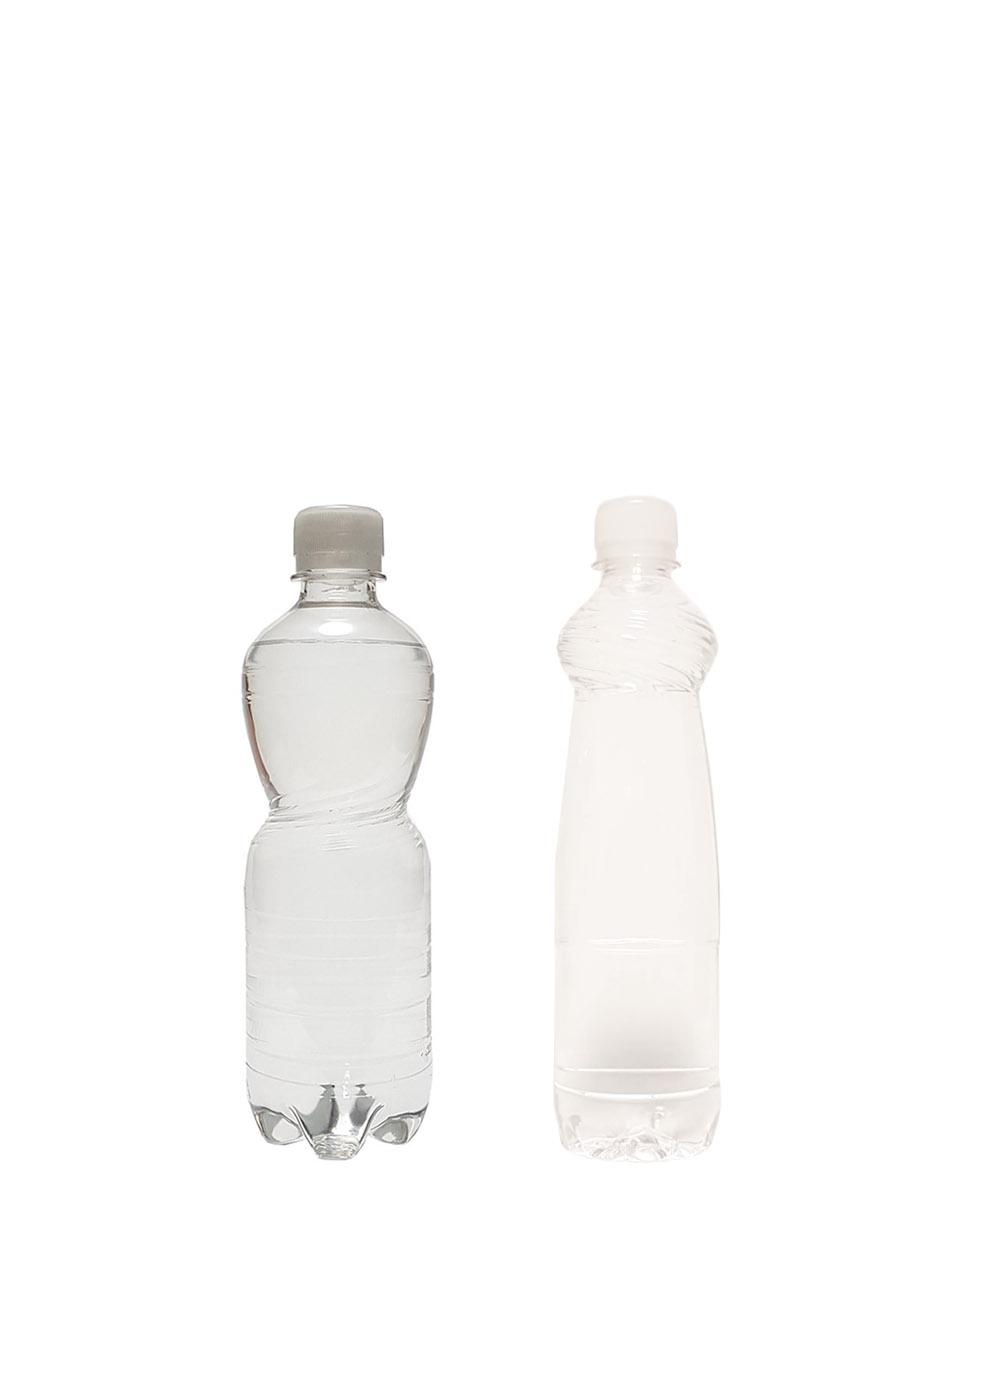 PET Voda / Voda z okusom - Promovoda